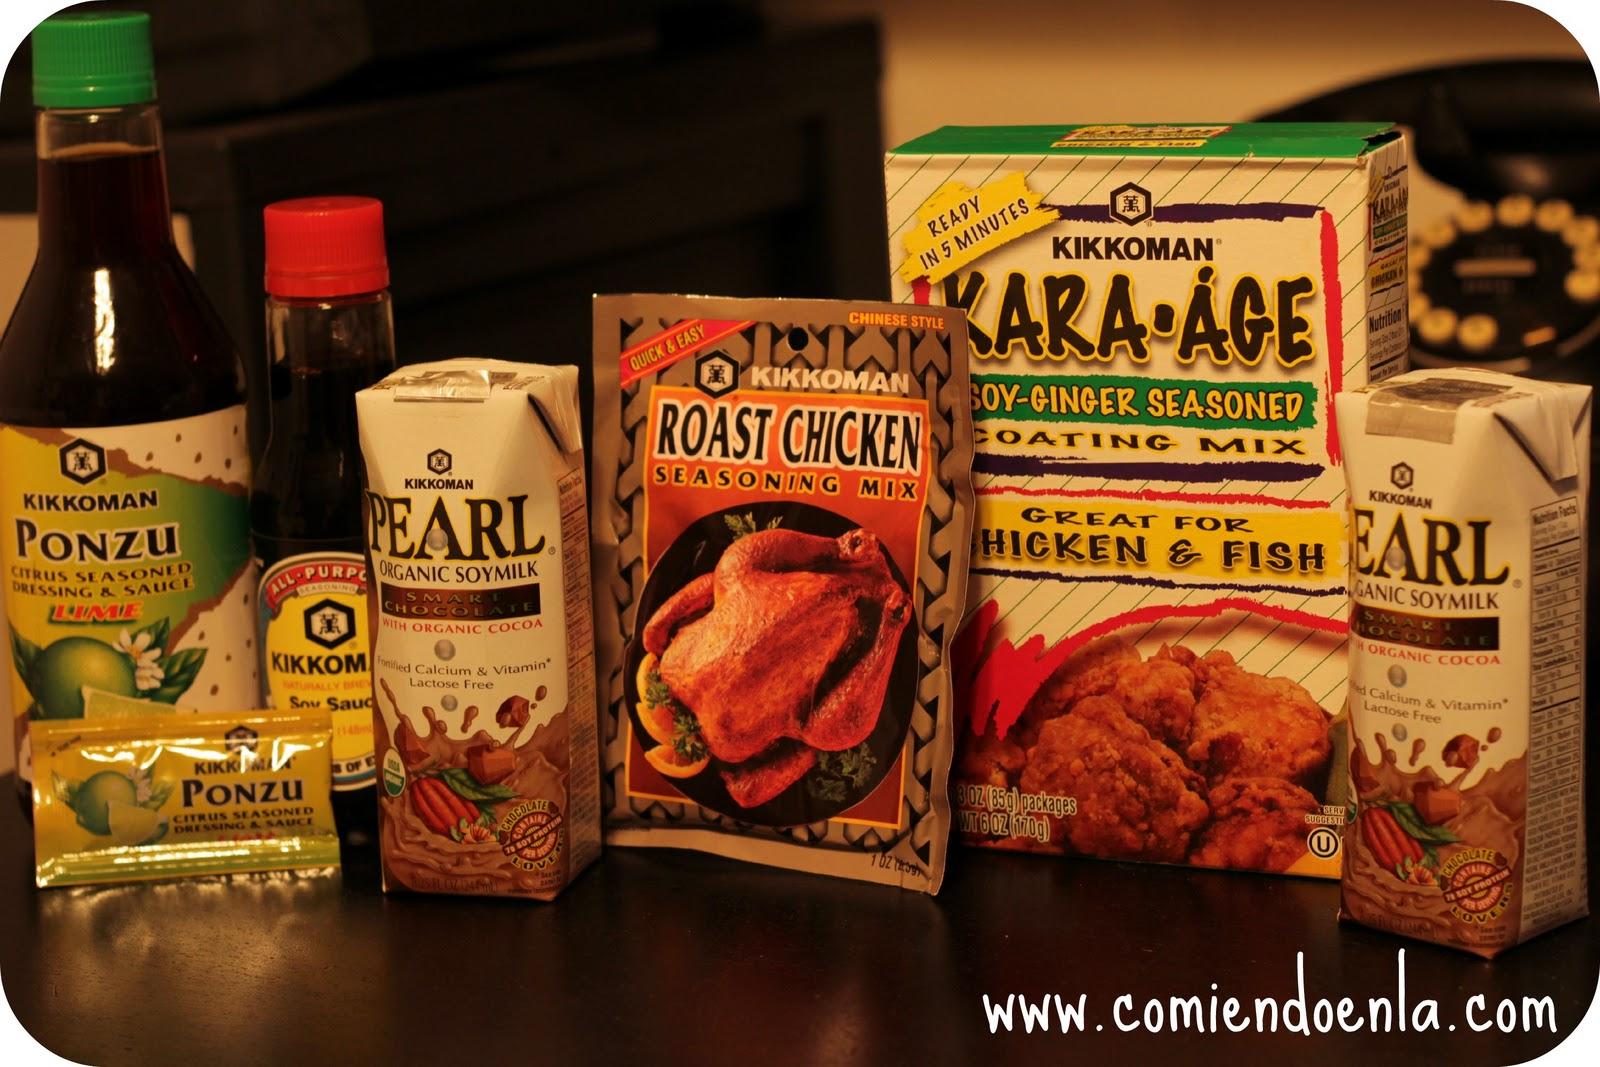 Pollo Salteado con Vegetales Kikkoman Style – Comiendo en